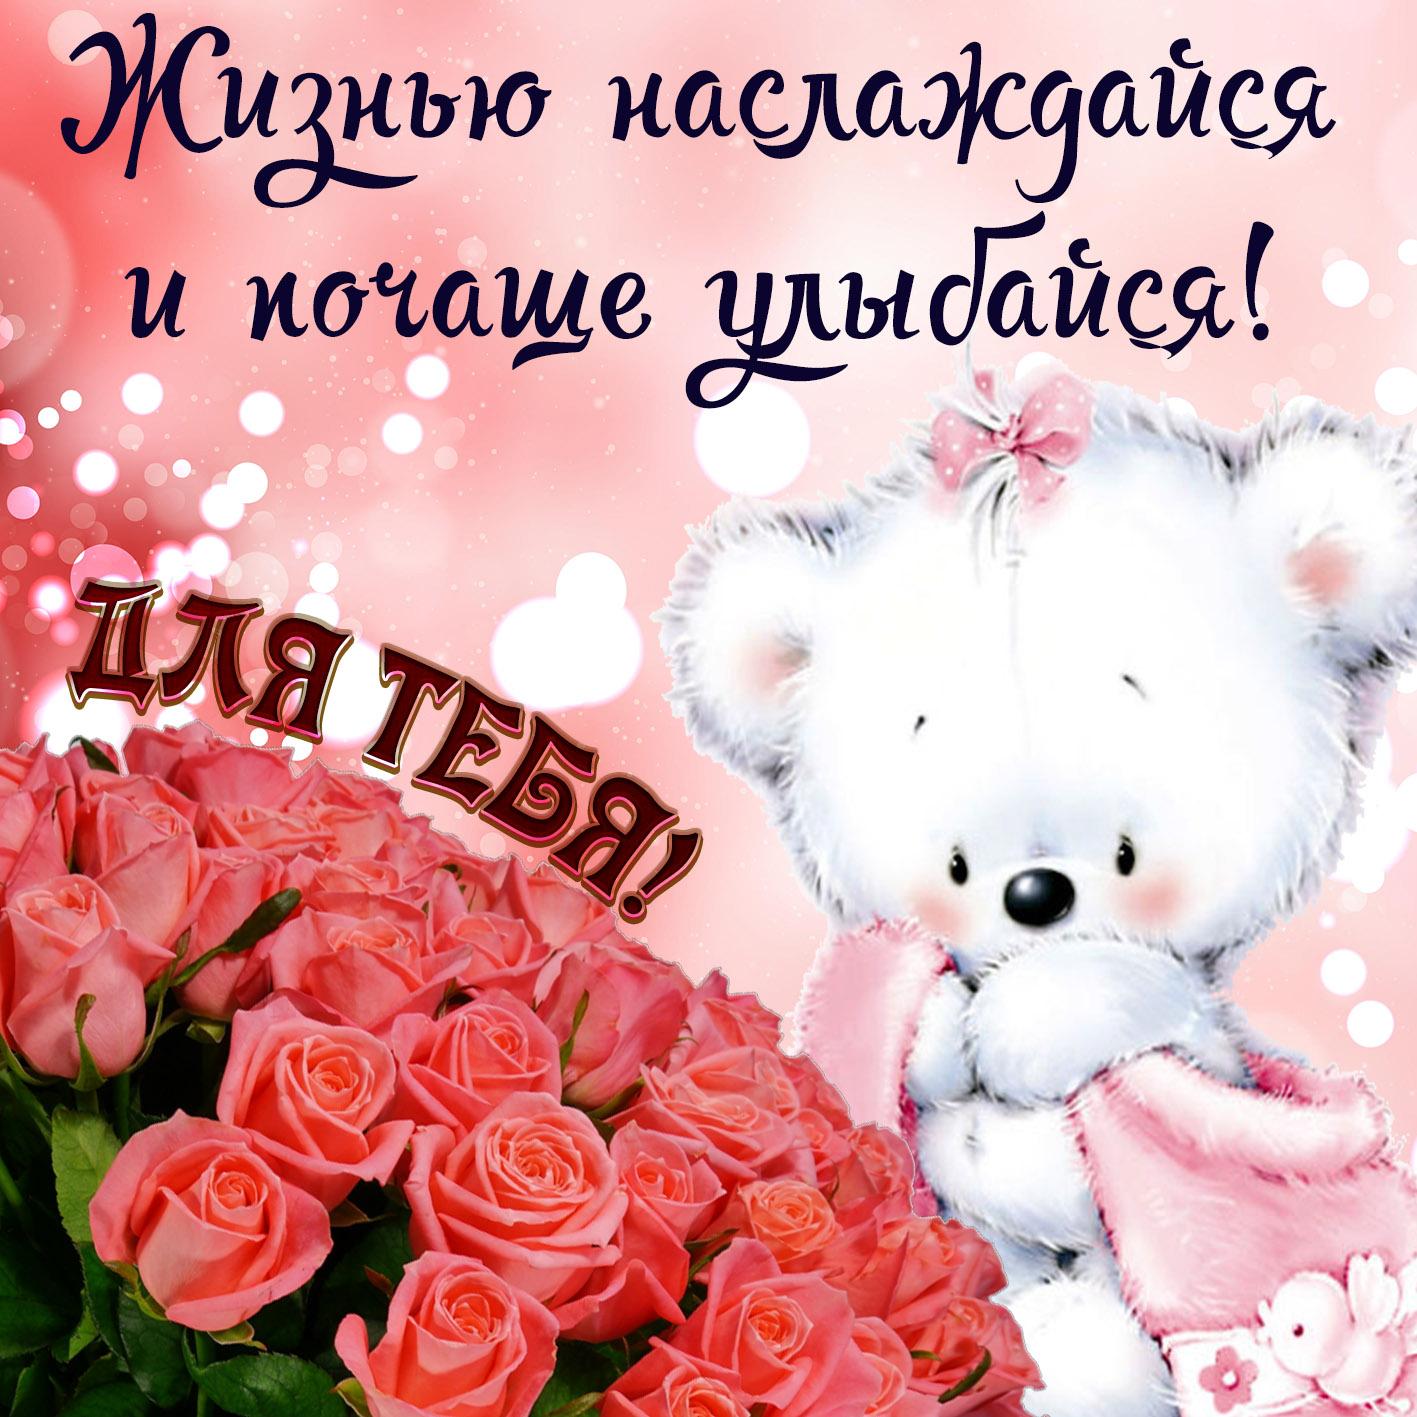 Открытка с розами в красивом оформлении и пожеланием